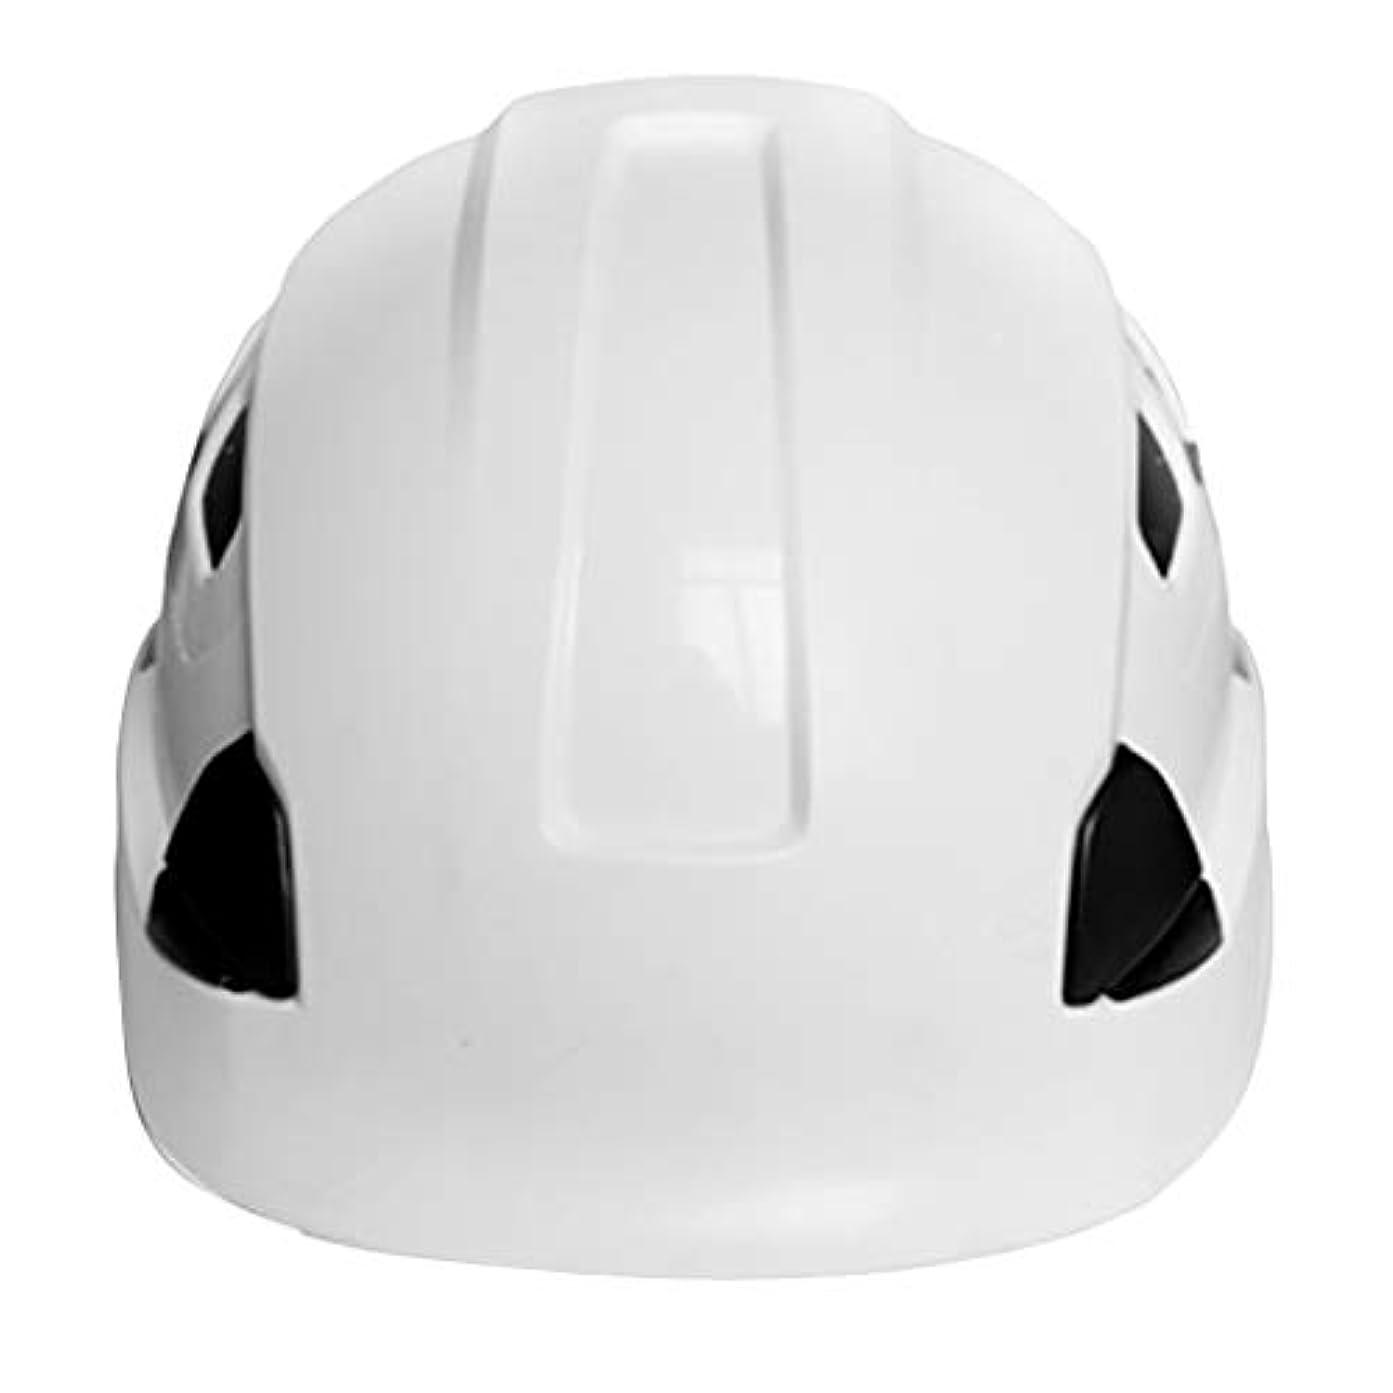 小さな規範想定D DOLITY ヘルメット 頭保護 ロッククライミング用 全2色